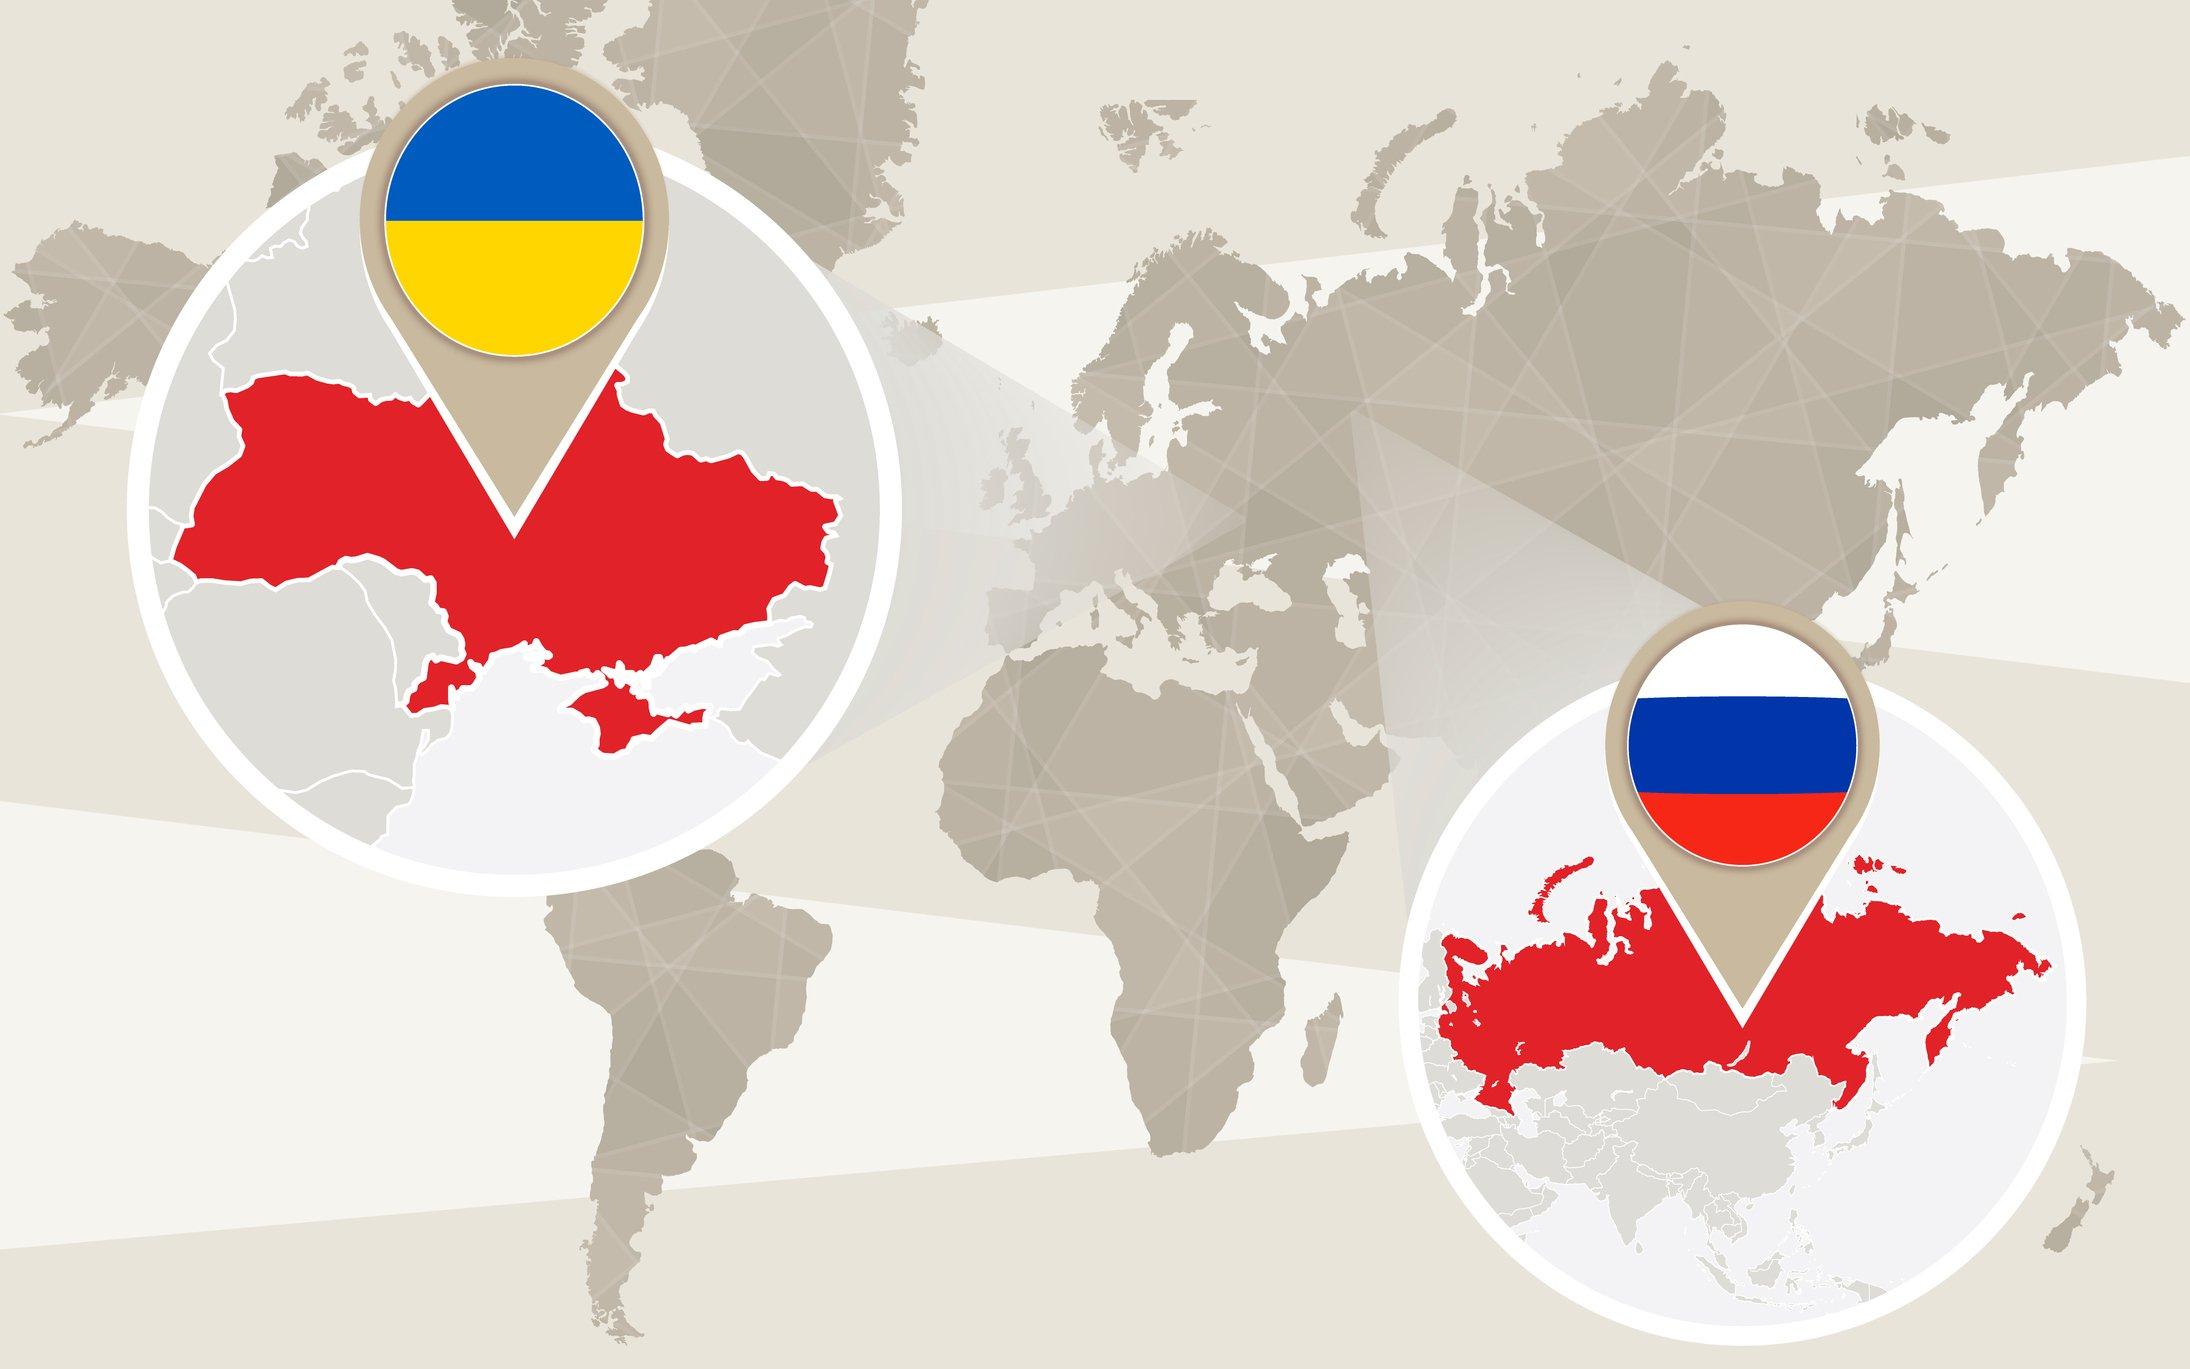 Mapa situando en un mapa global a Rusia y Ucrania.